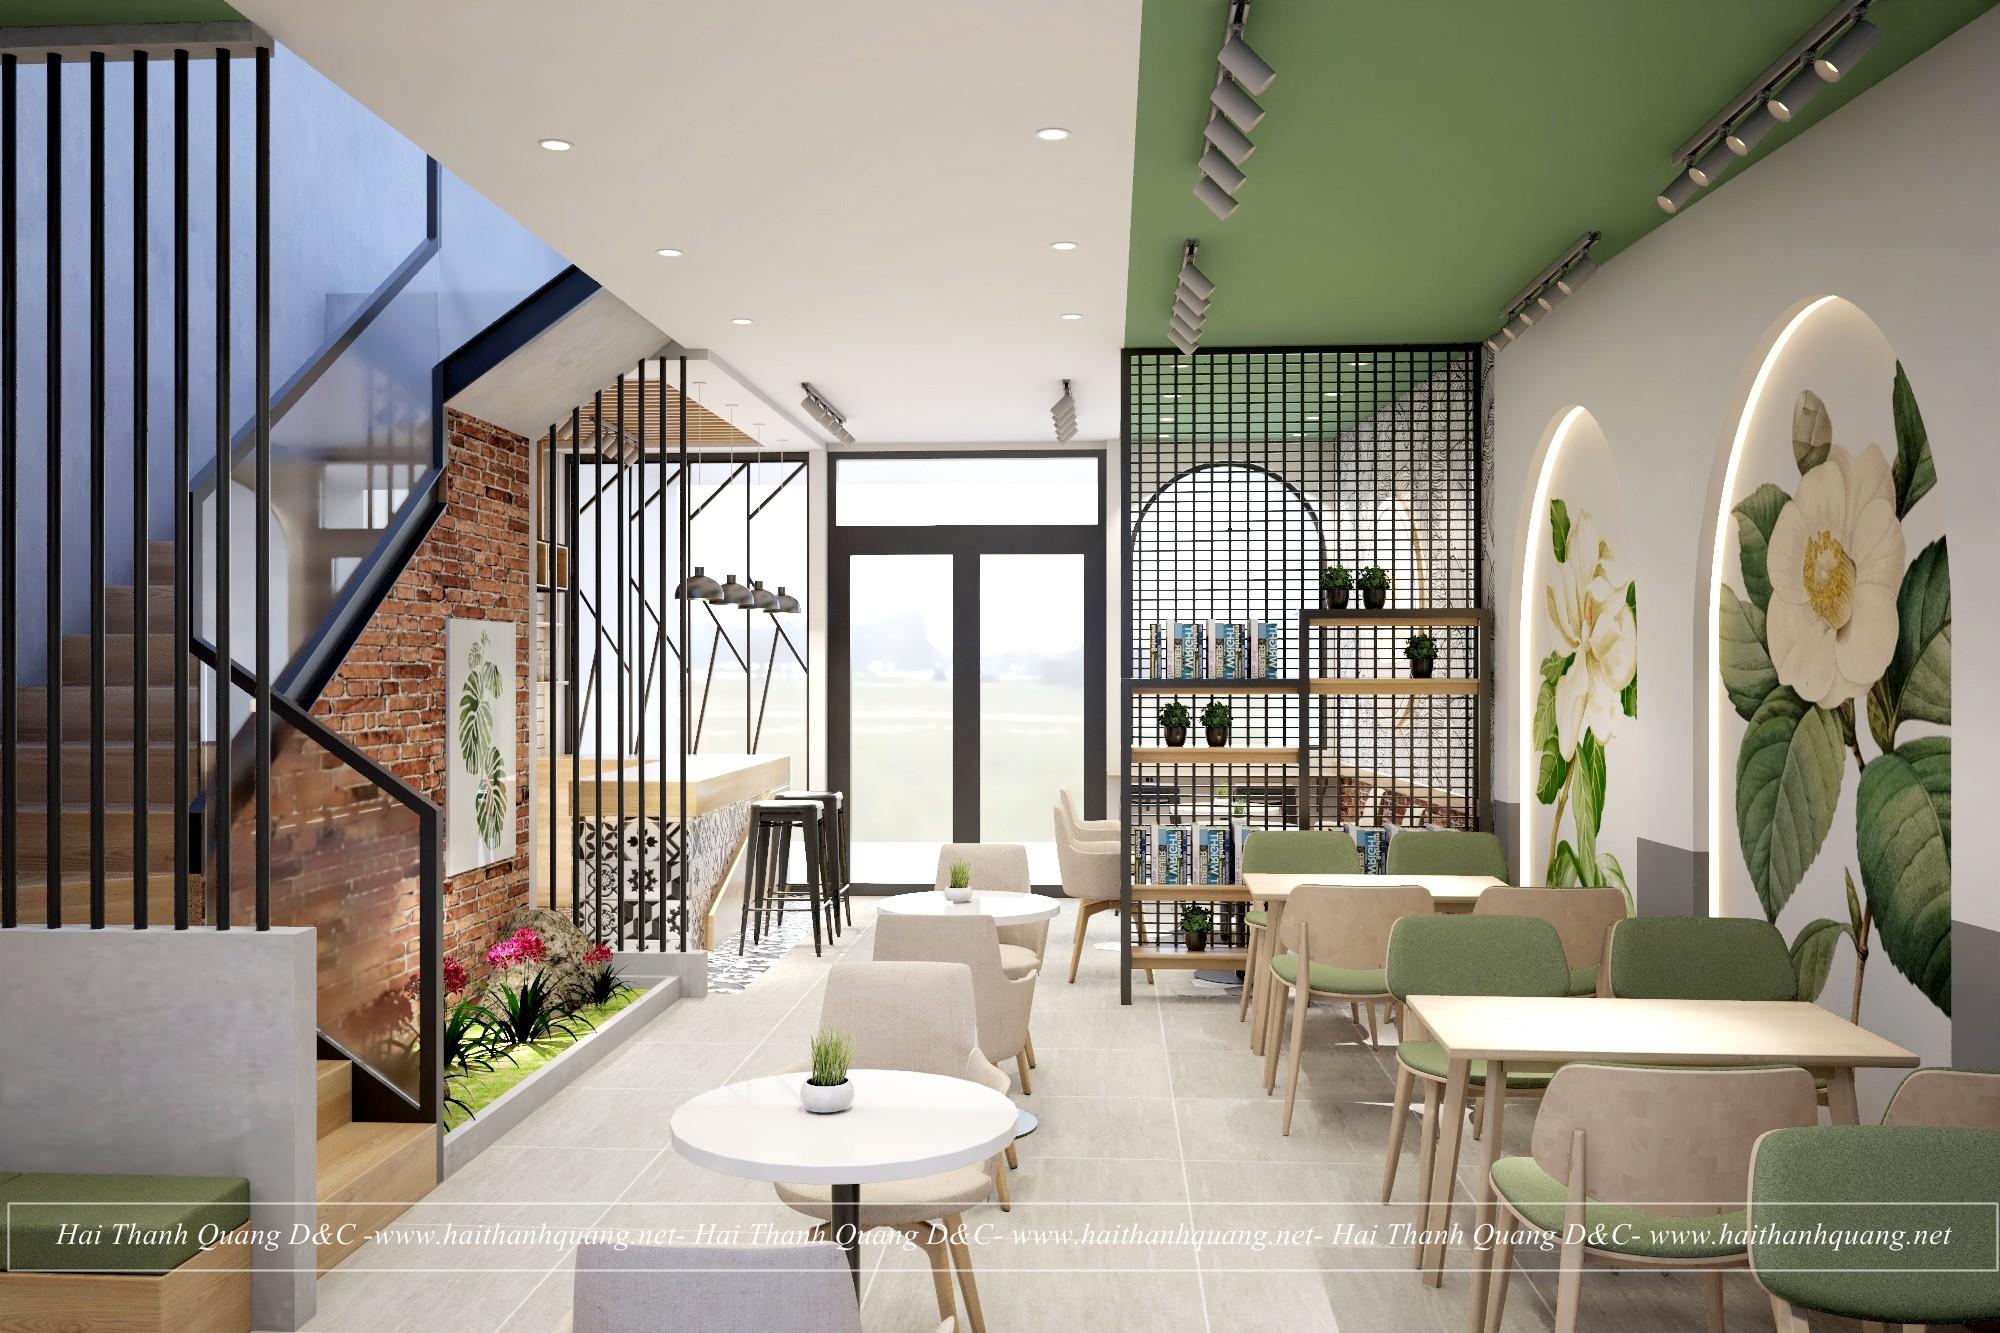 Trang Trí Quán Cafe Ở Quy Nhơn HTQ001